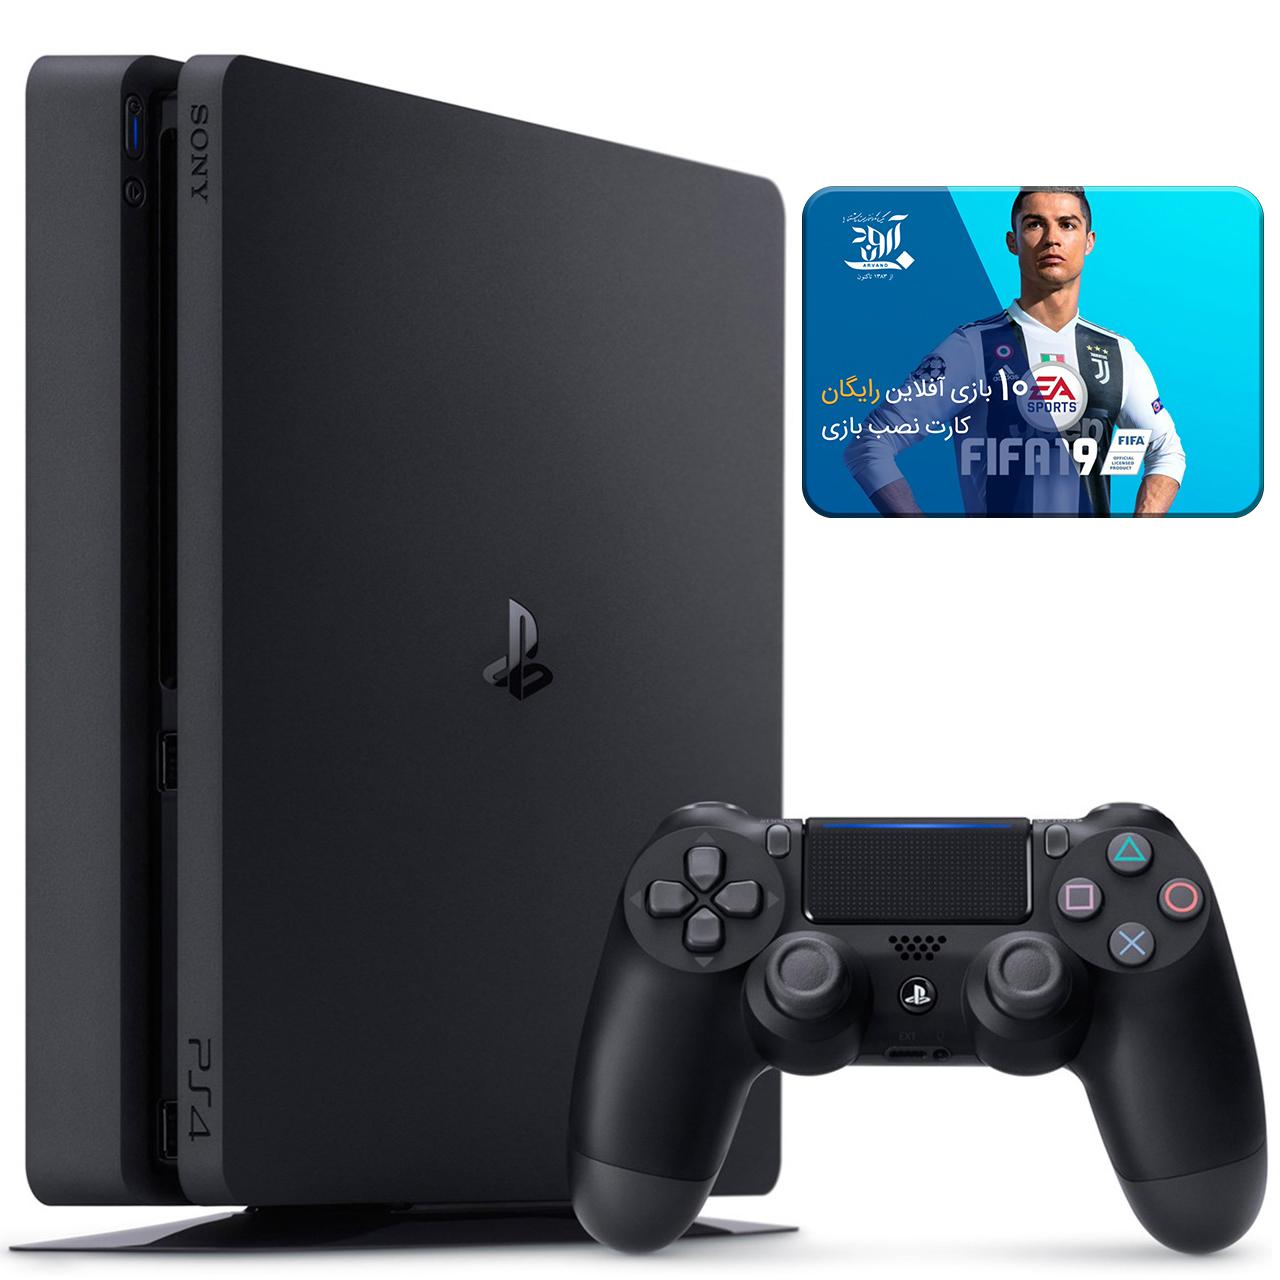 کنسول بازی سونی مدل Playstation 4 Slim کد CUH-2216A Region 2 - ظرفیت 500 گیگابایت به همراه ۱۰ عدد بازی 2019